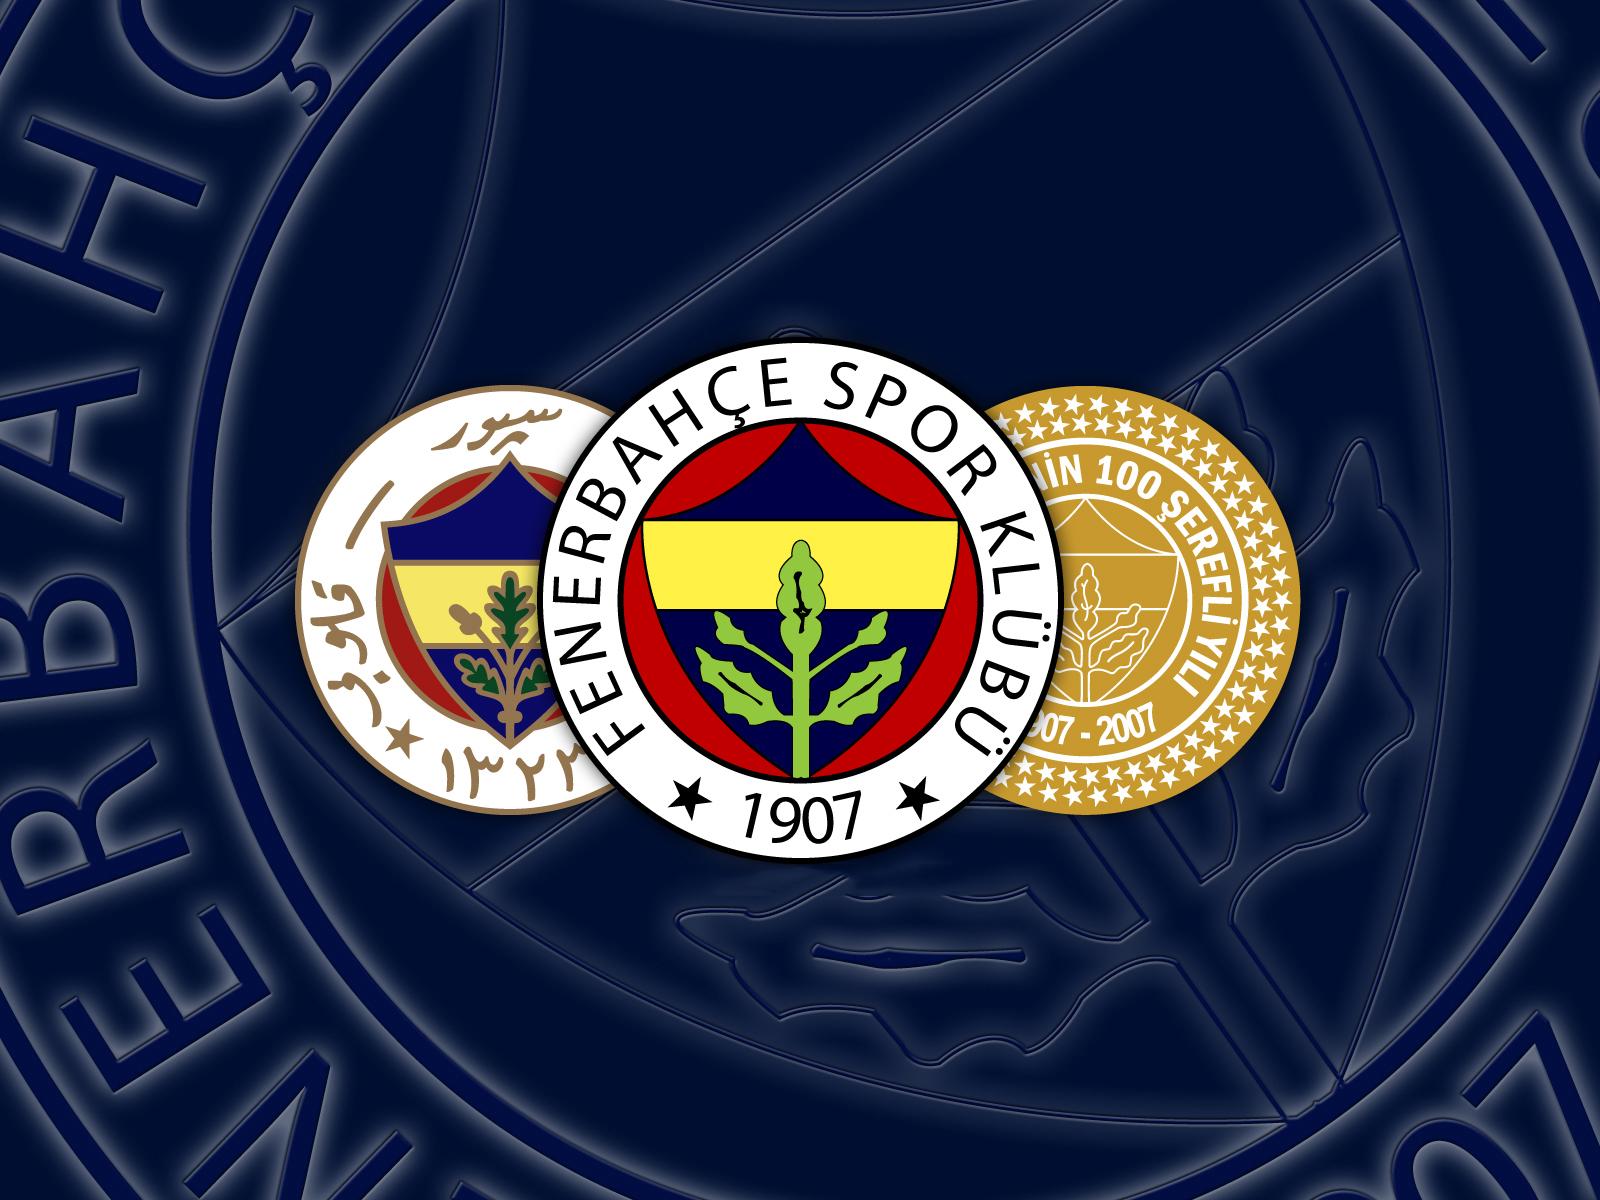 Fenerbahçe hd masaüstü resimleri arkaplan resimleri hd wallpapers 1